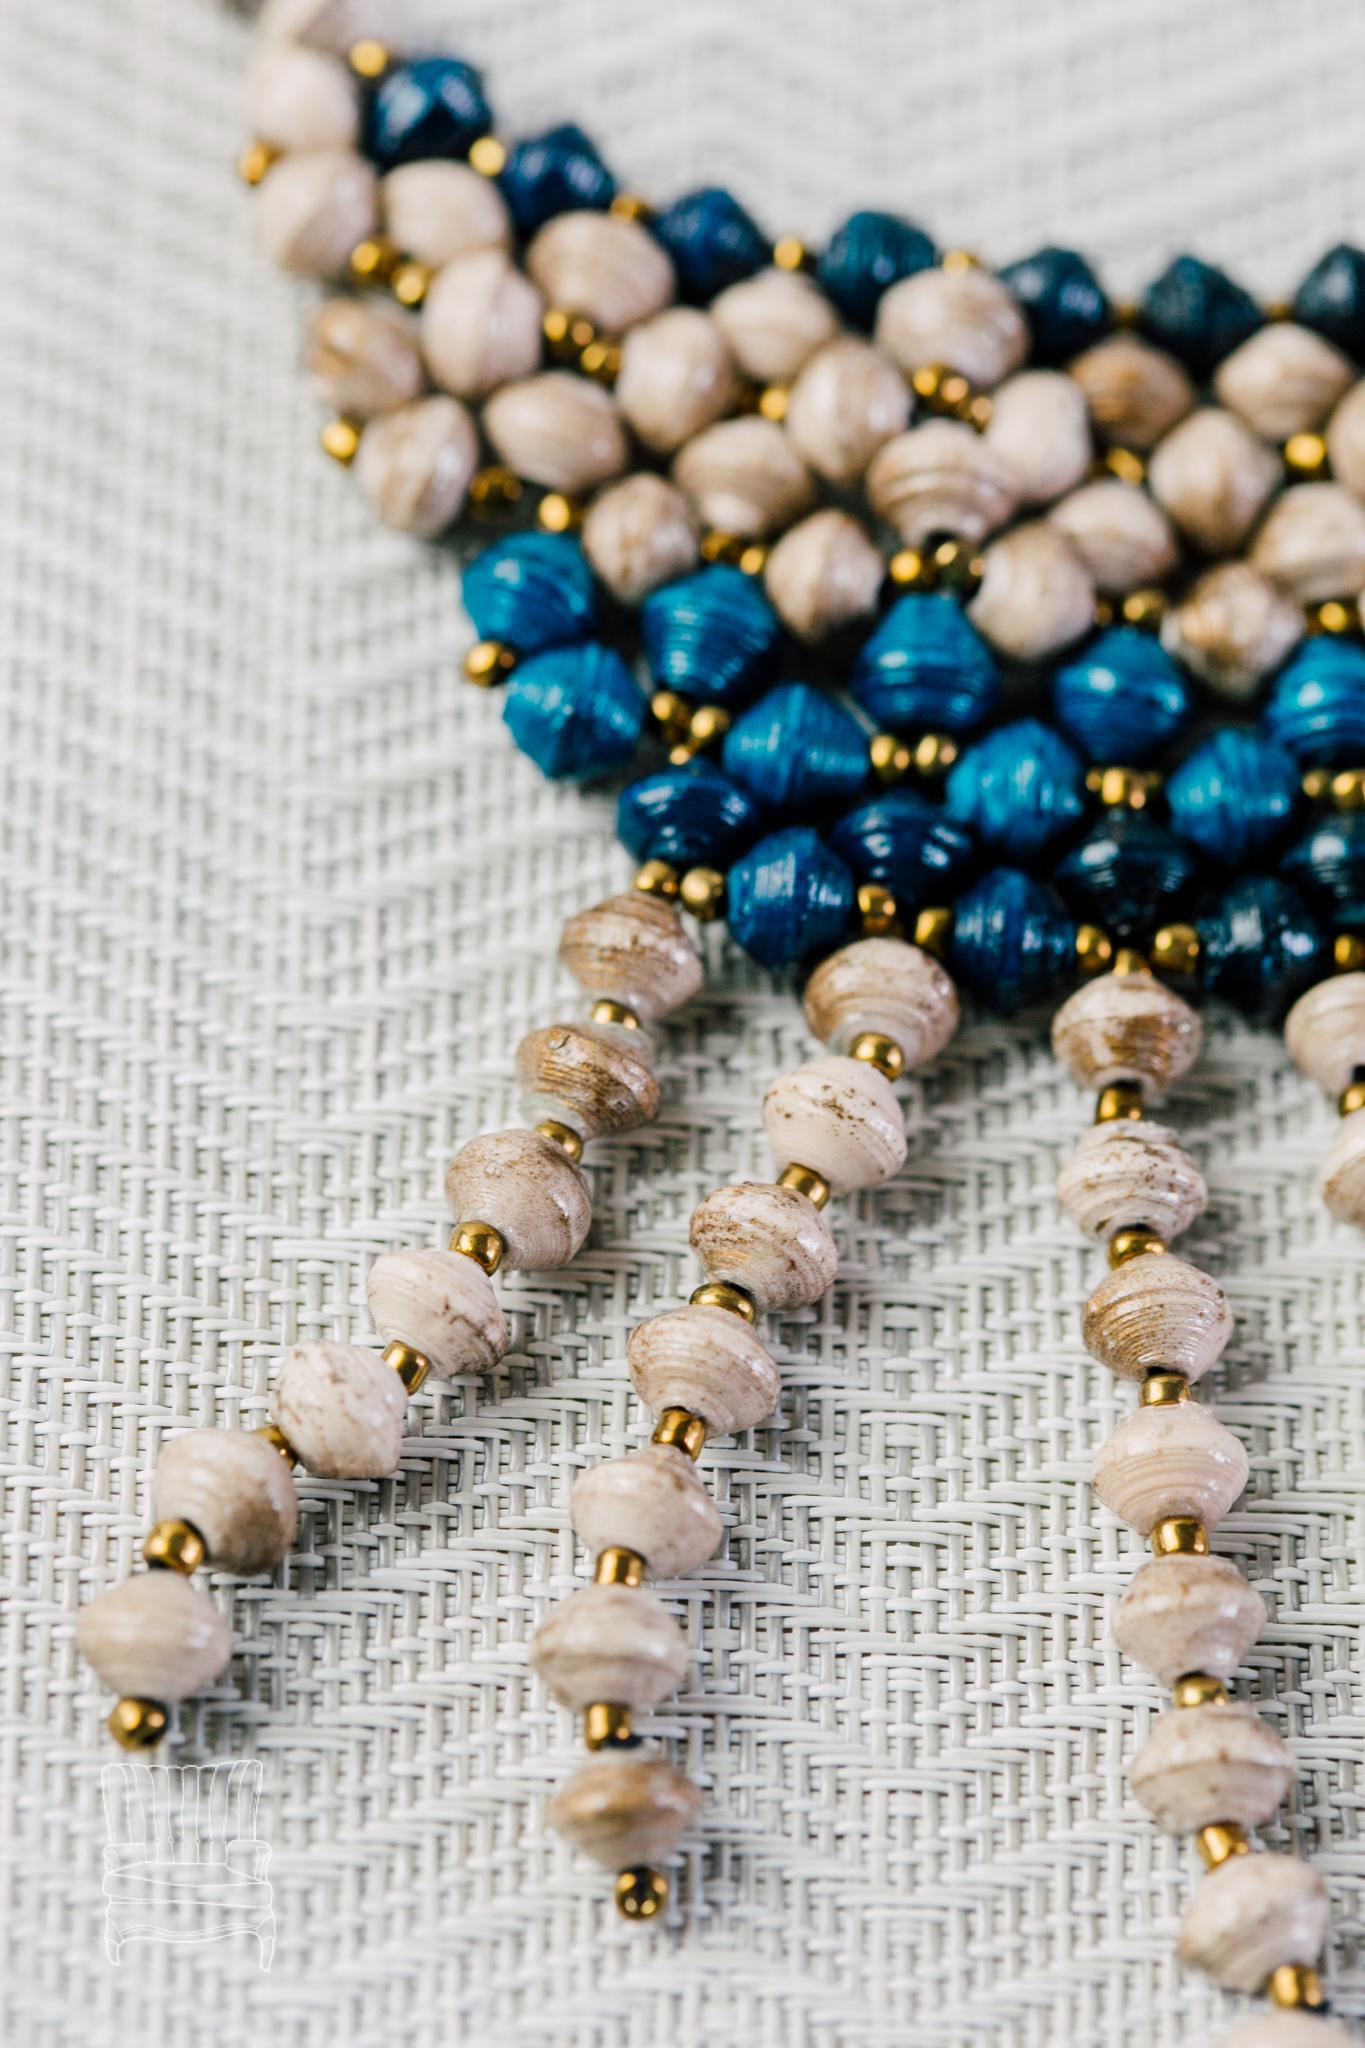 Ajuna-Jewelry-Fall-2017-studio-Katheryn-Moran-Photography-2-2.jpg